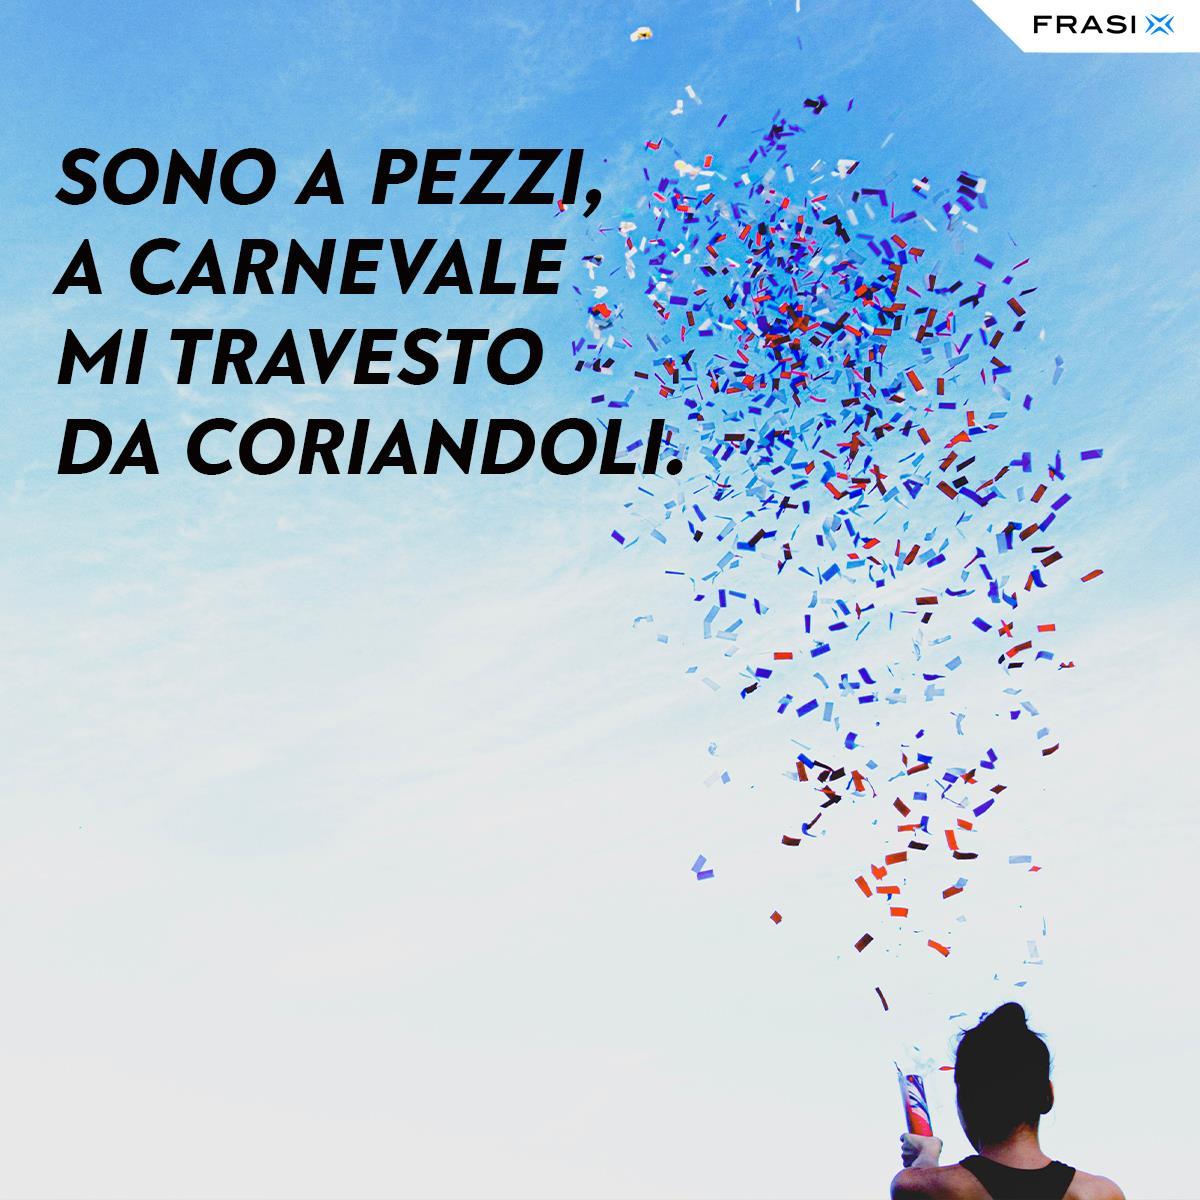 Frasi di Carnevale simpatiche coriandoli